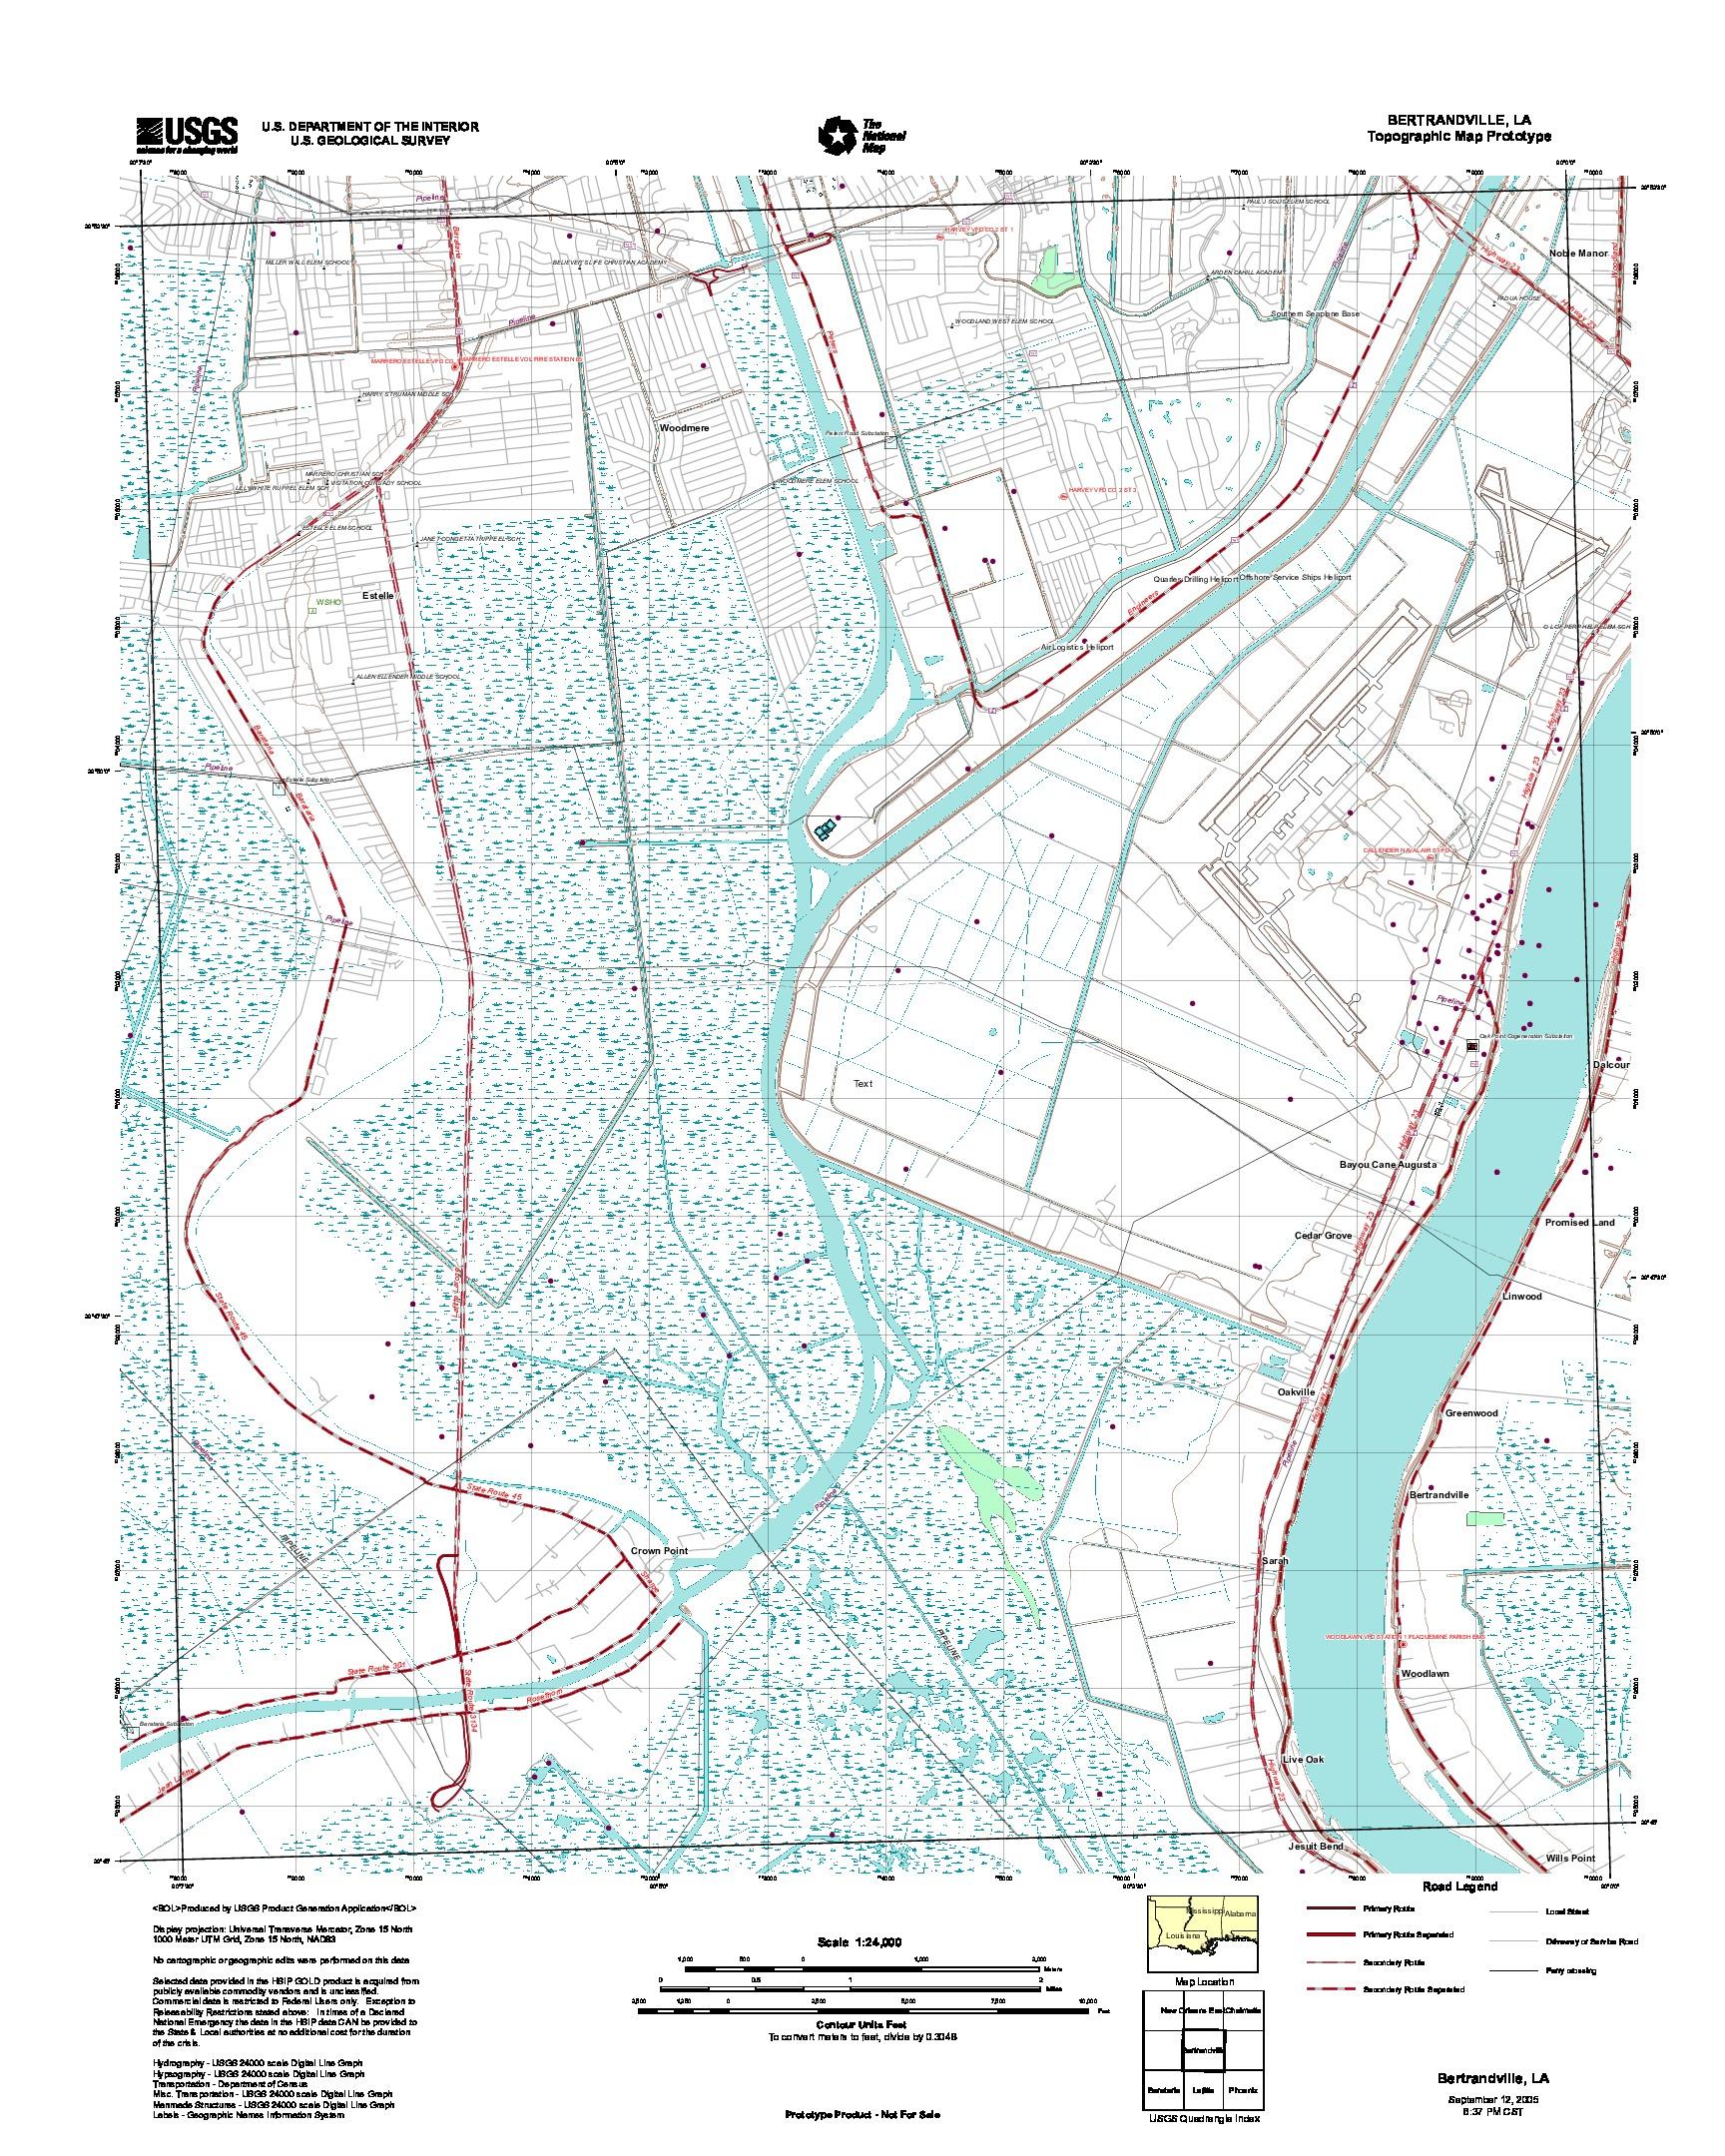 Prototipo de Mapa Topográfico de Bertryville, Luisiana, Estados Unidos, Septiembre 12, 2005